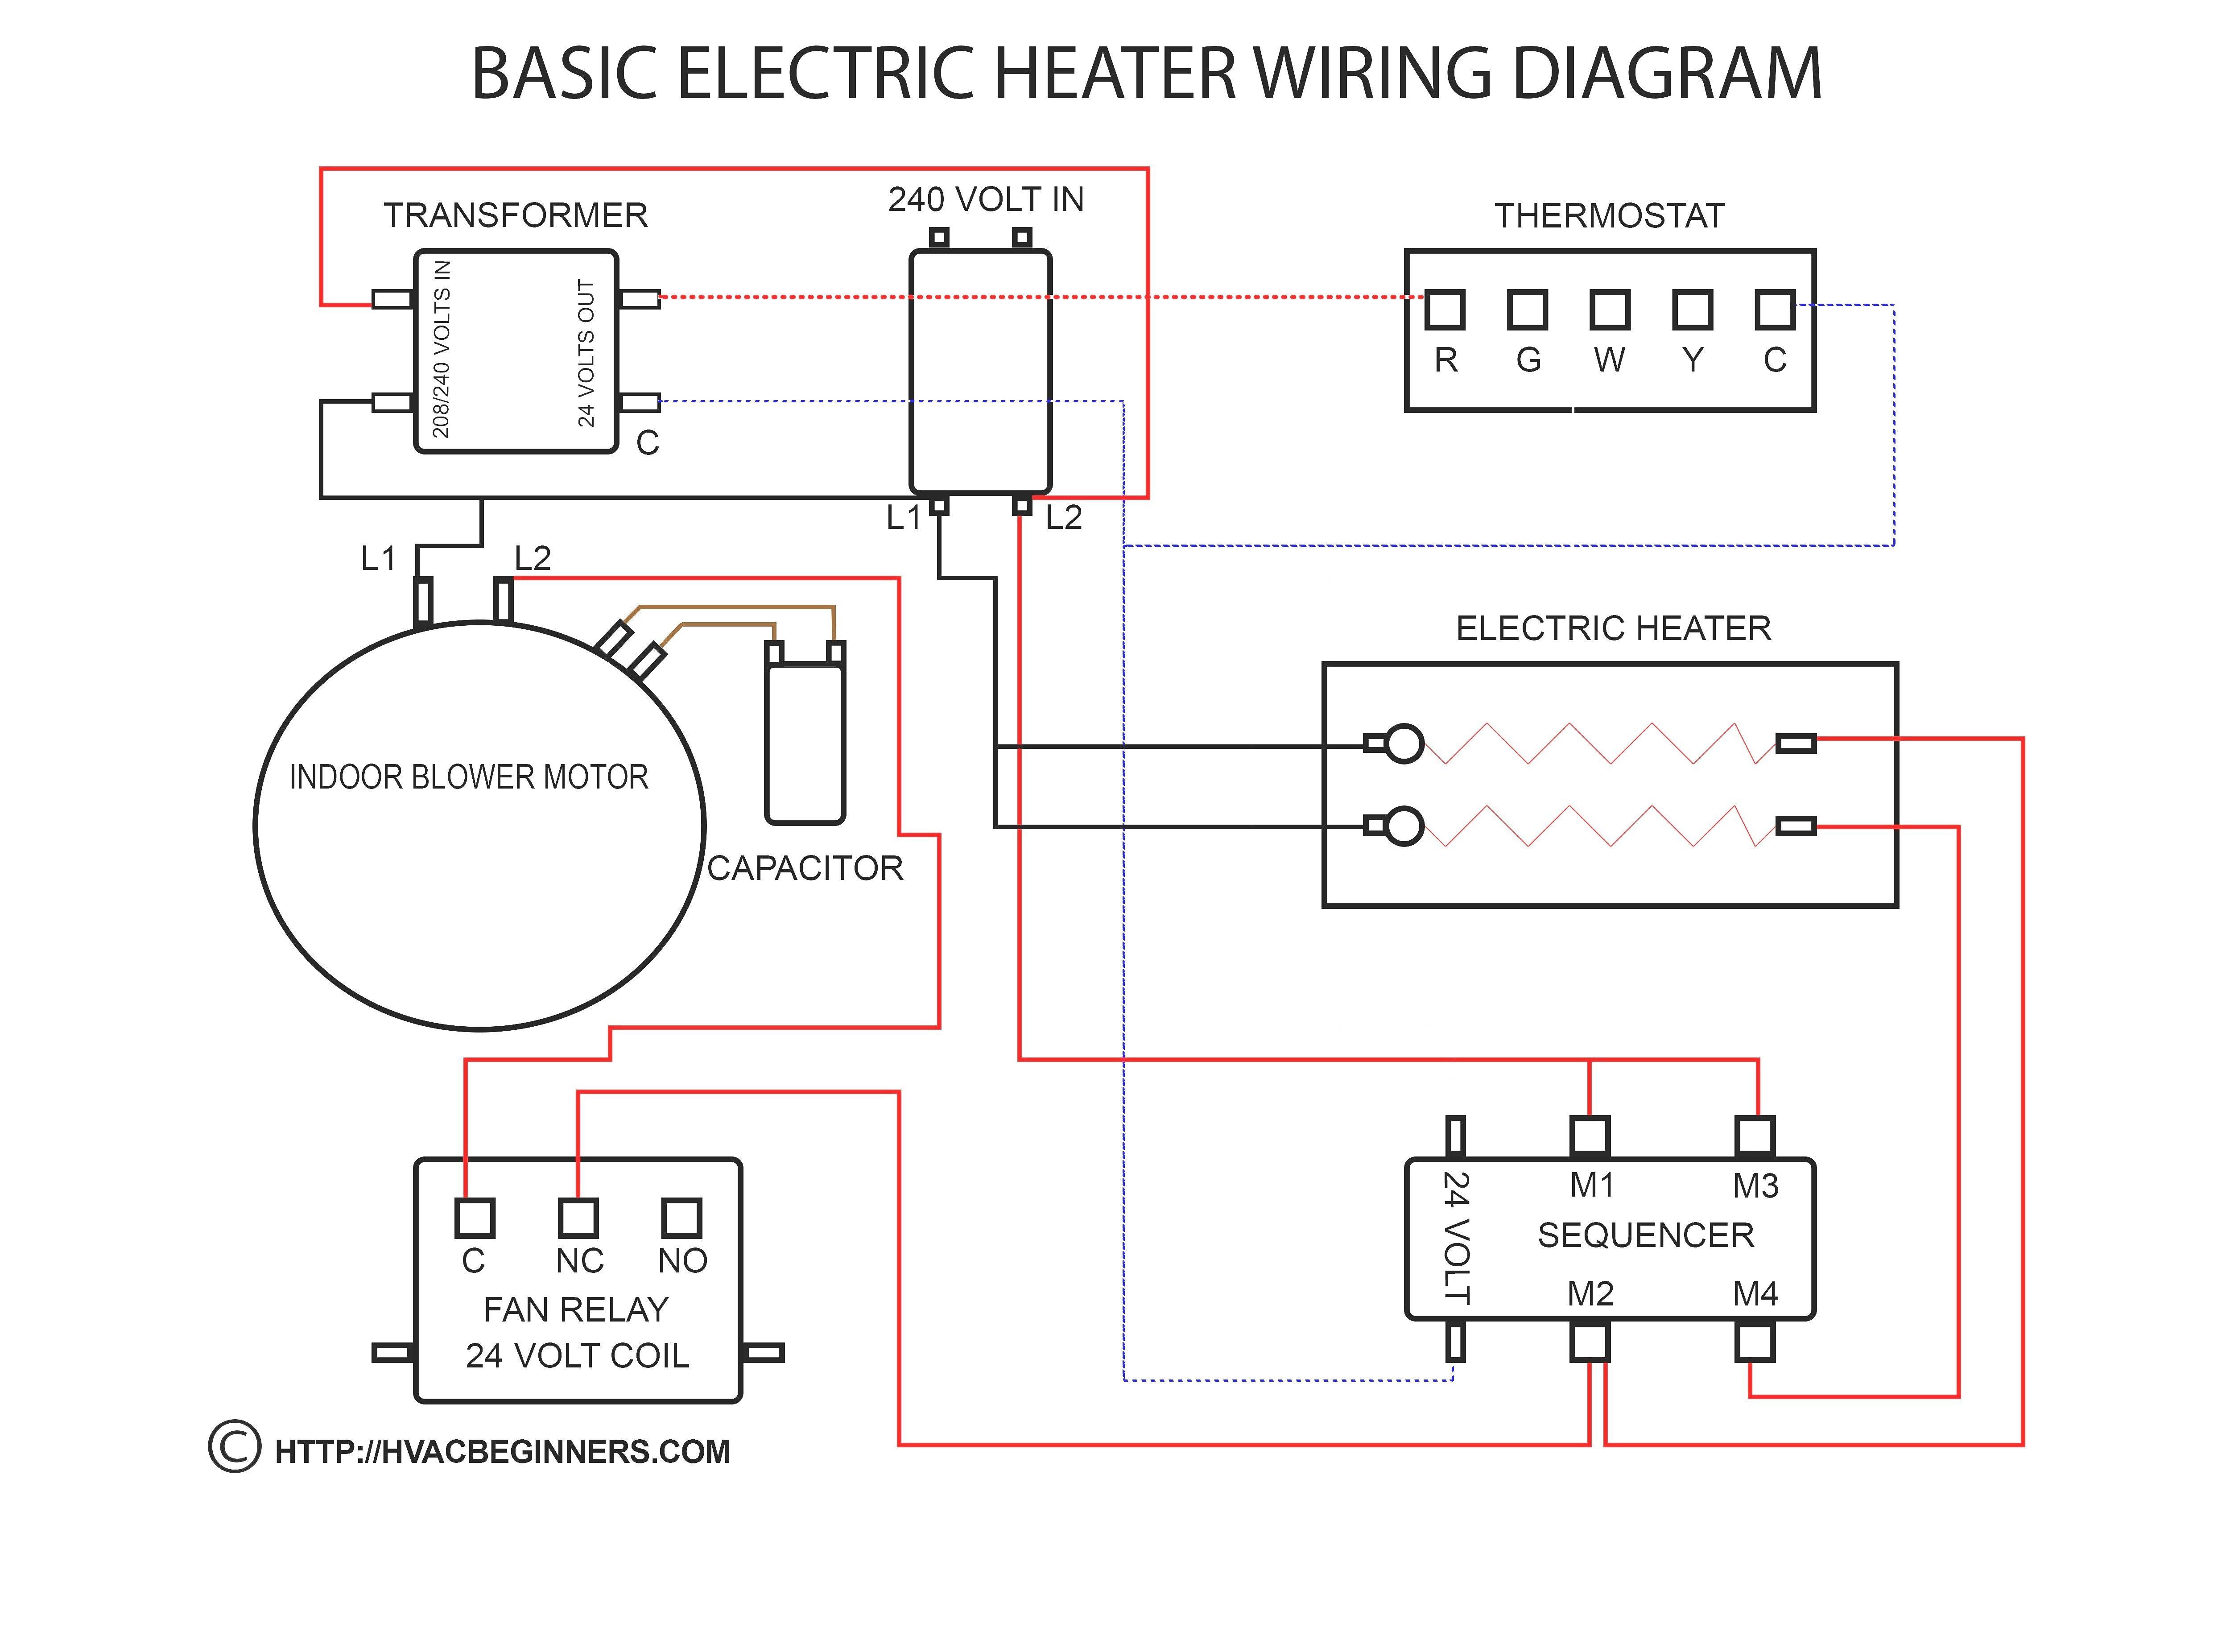 unique wiring circuit diagram diagram wiringdiagram diagramming diagramm visuals visualisation graphical [ 5000 x 3704 Pixel ]